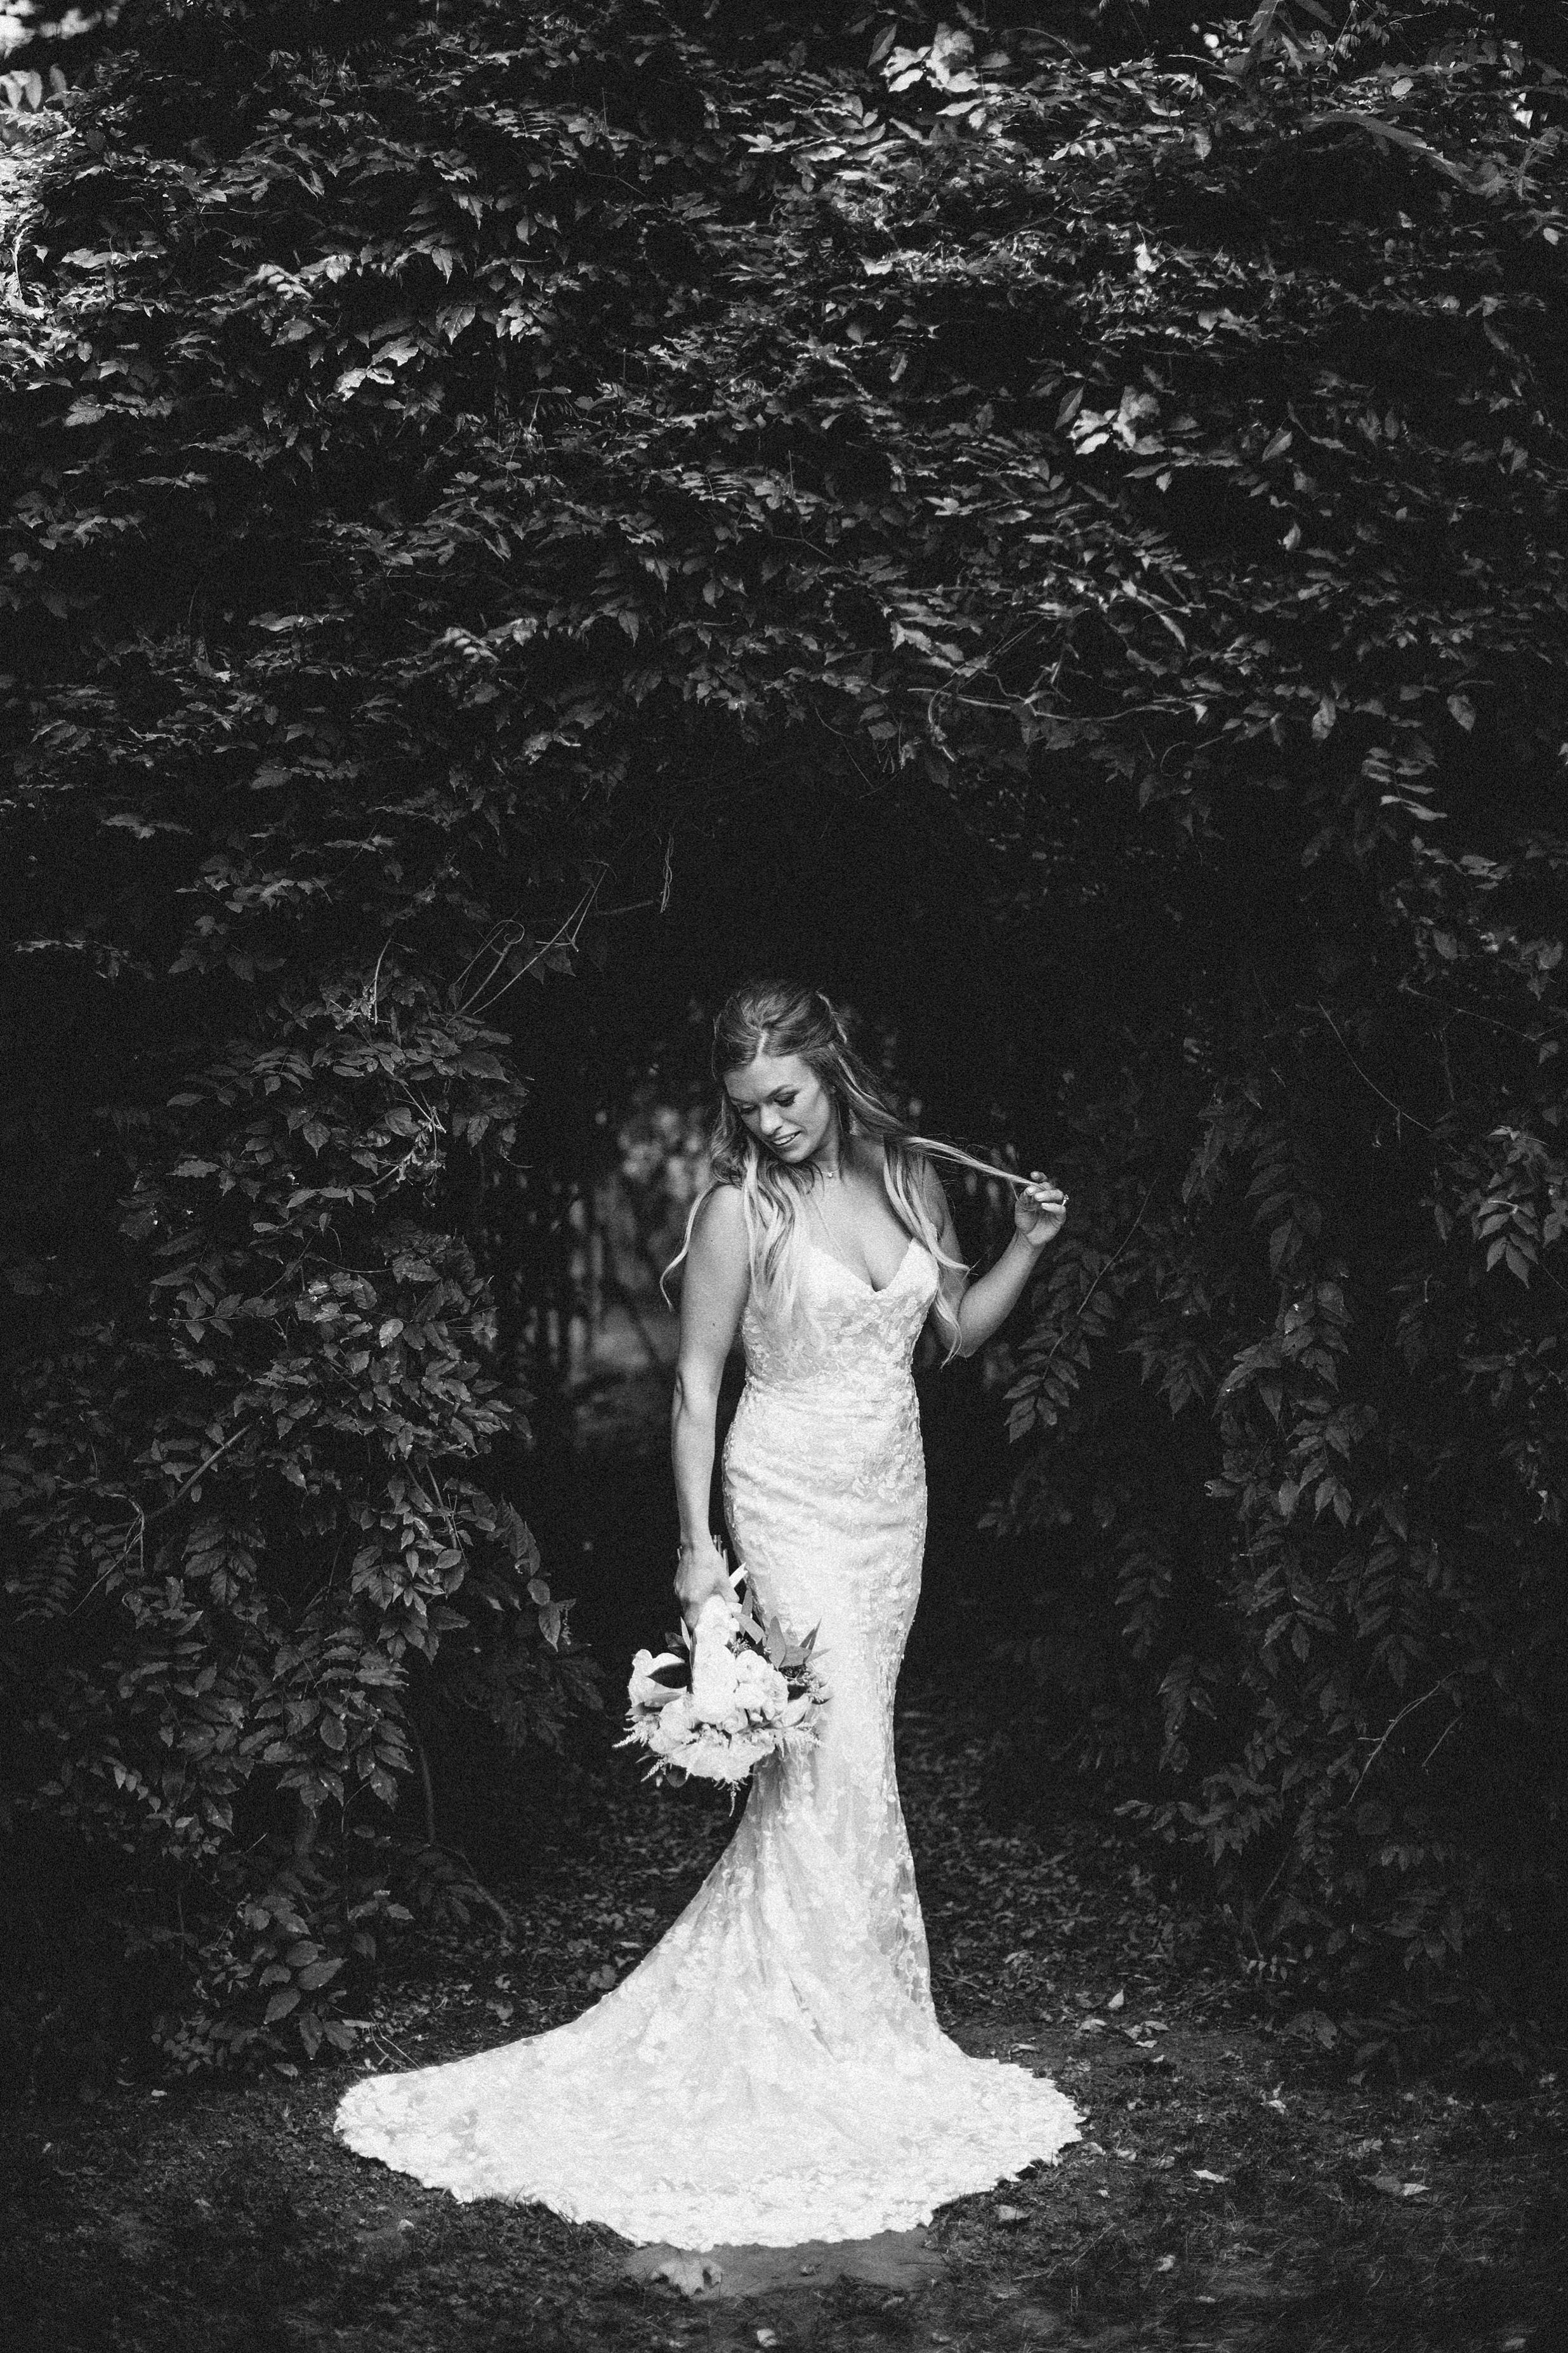 jersey-outdoor-ceremony-wedding-navasink-monmouth-rumson_0030.jpg